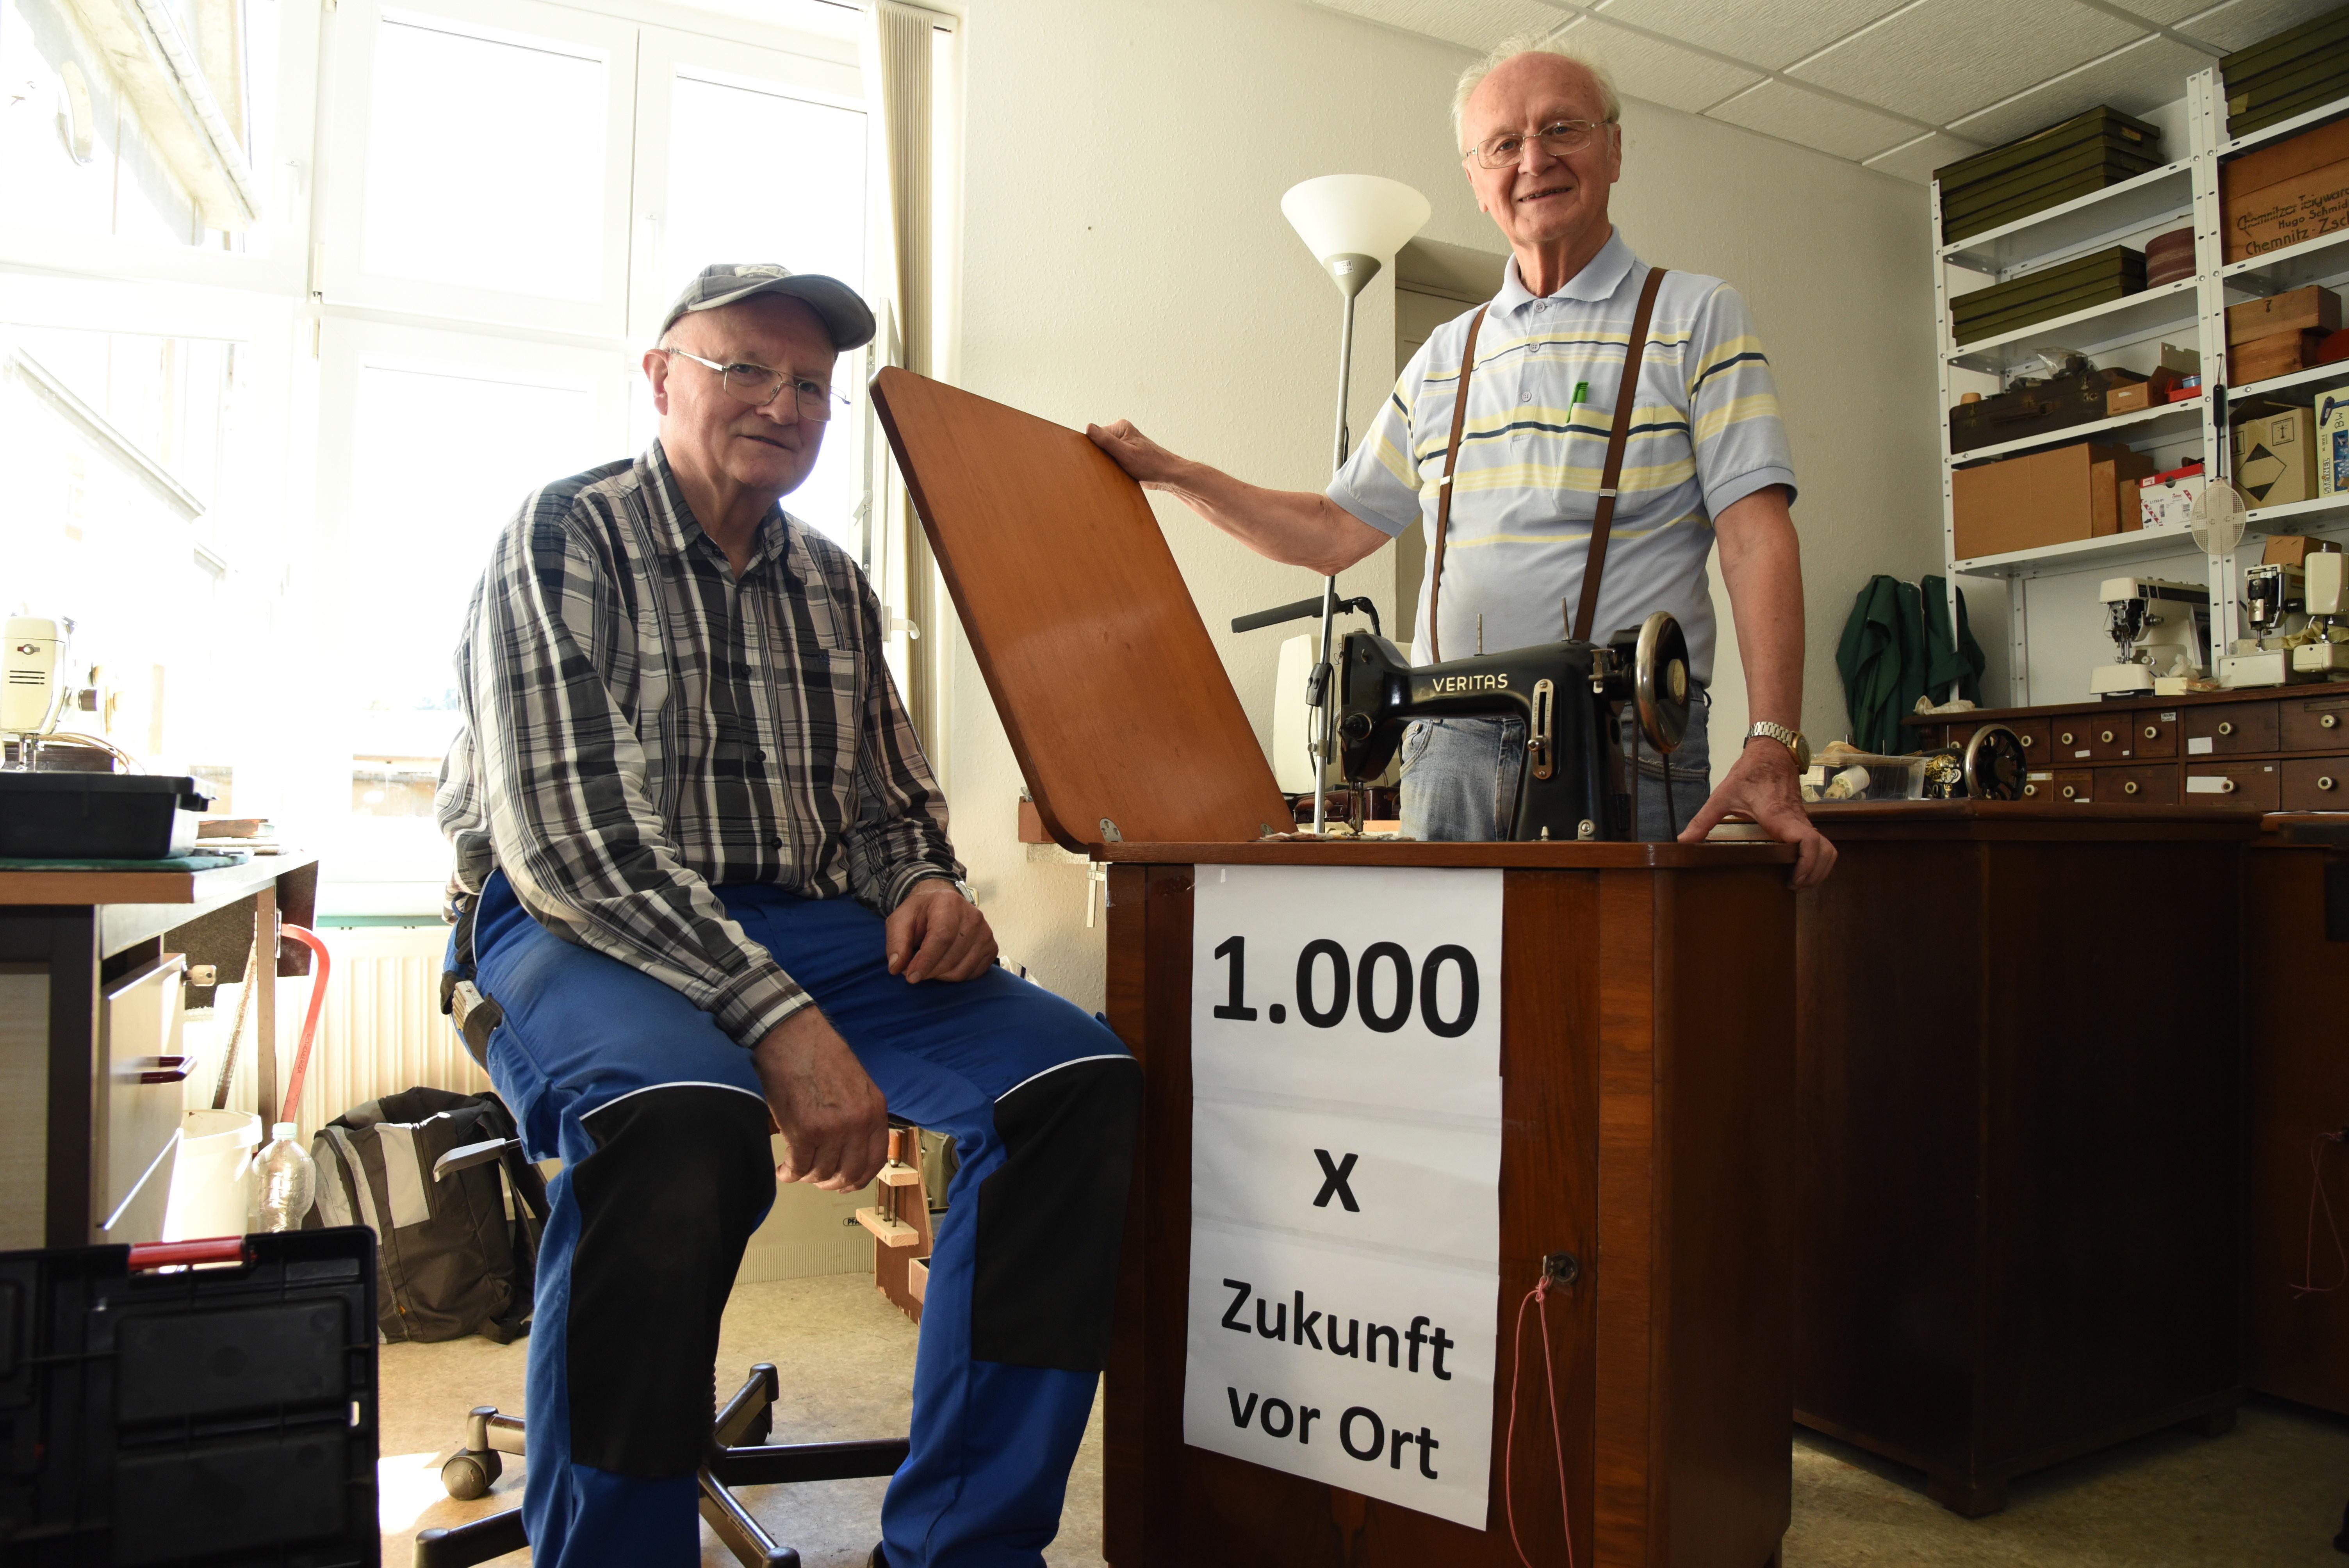 Nähmaschine Nr. 1000 wird repariert!